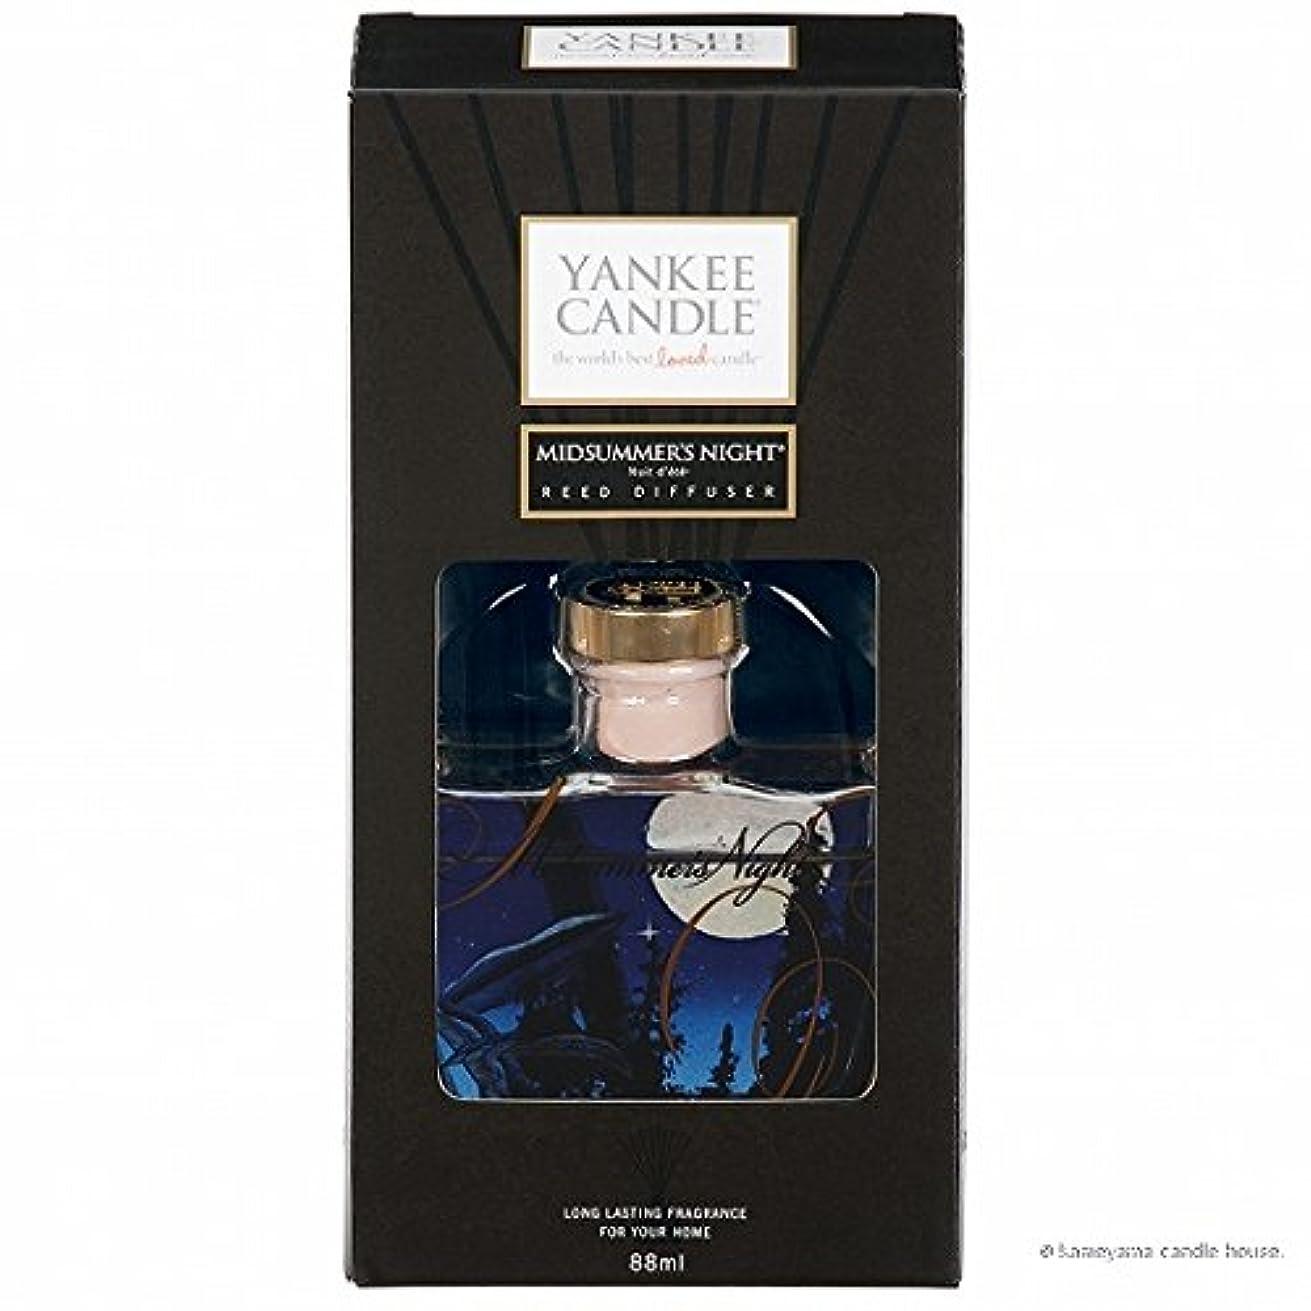 観察するクリーク創始者カメヤマキャンドル( kameyama candle ) YANKEE CANDLE リードディフューザー 「 ミッドサマーズナイト 」